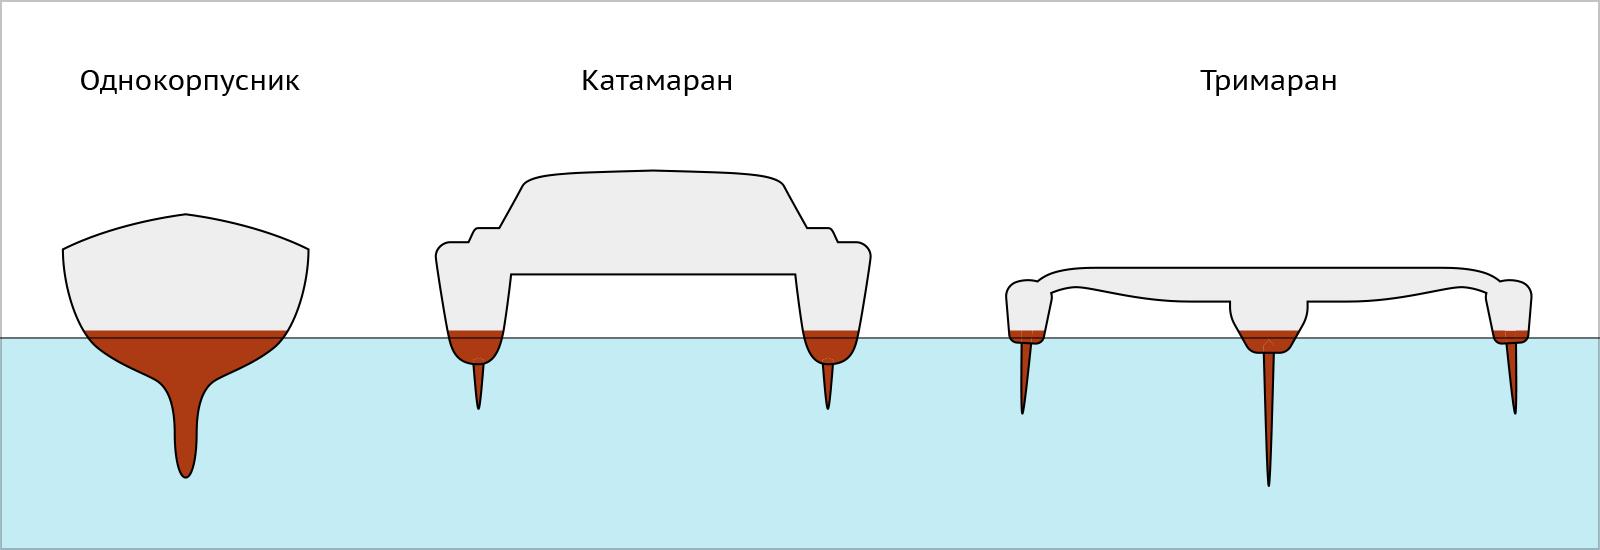 Яхты по количеству корпусов